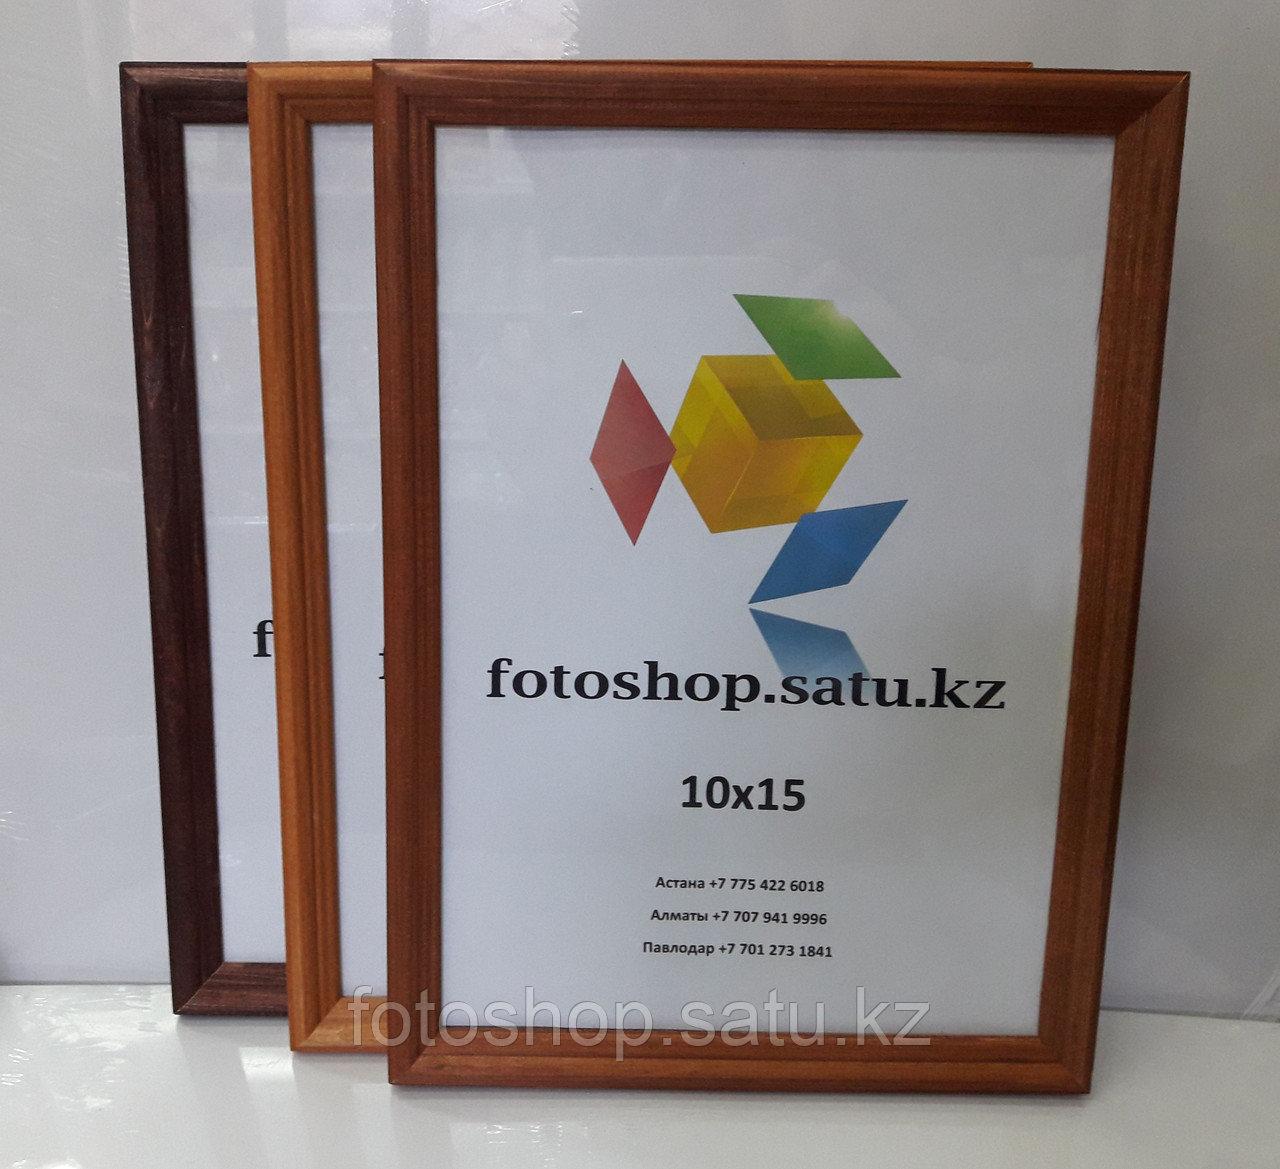 Фоторамка деревянная со стеклом 10*15 - фото 2